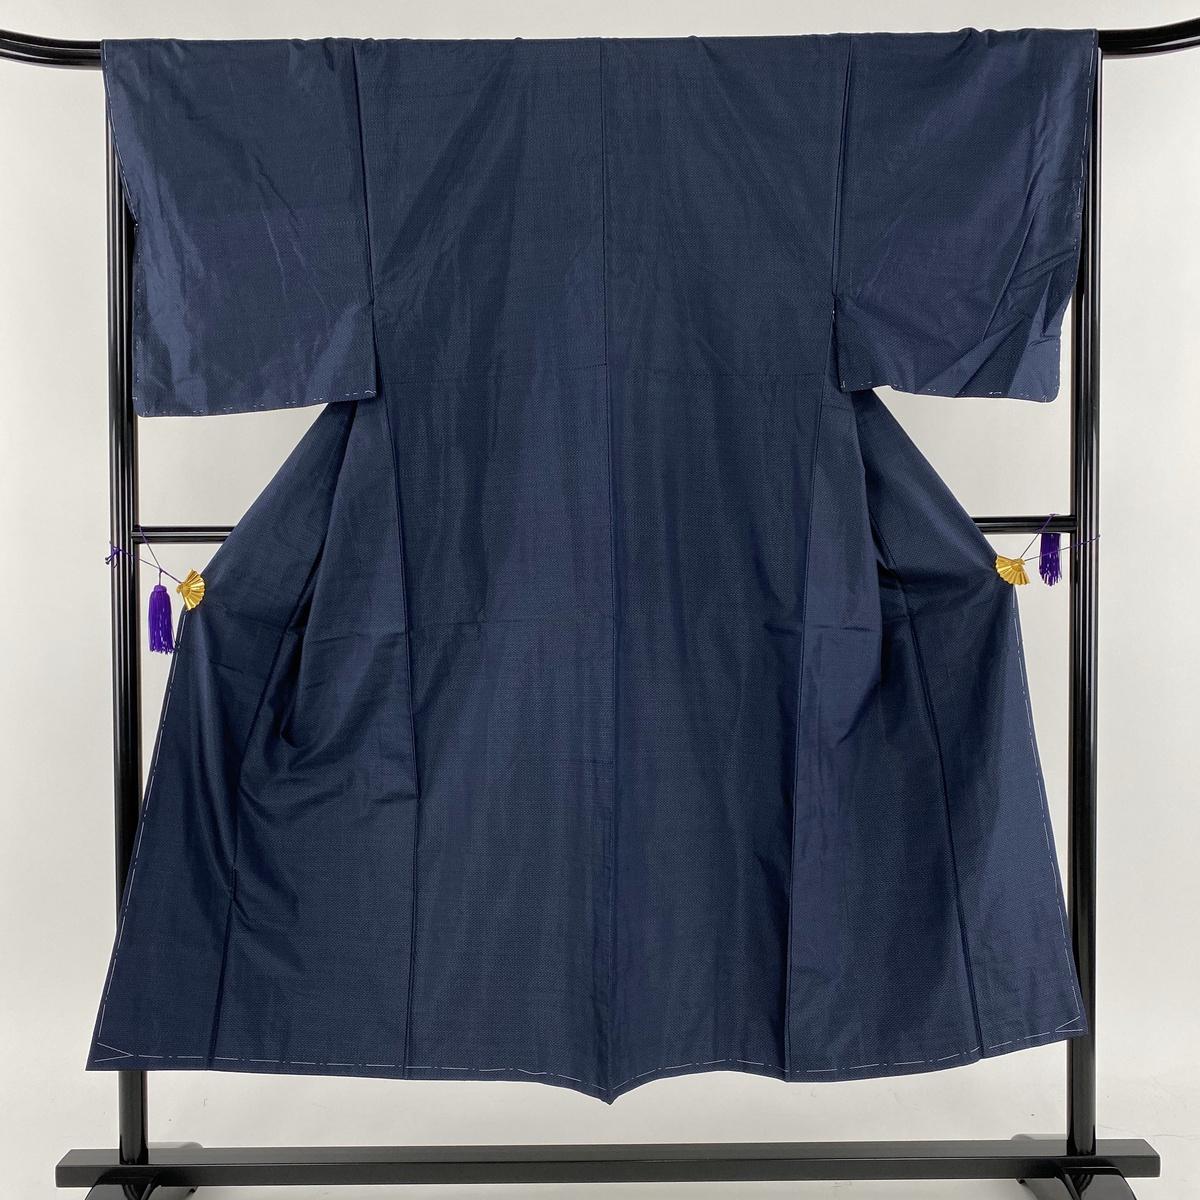 男着物 美品 秀品 紬 アンサンブル 亀甲絣 藍色 袷 身丈145cm 裄丈67.5cm S 正絹 【中古】